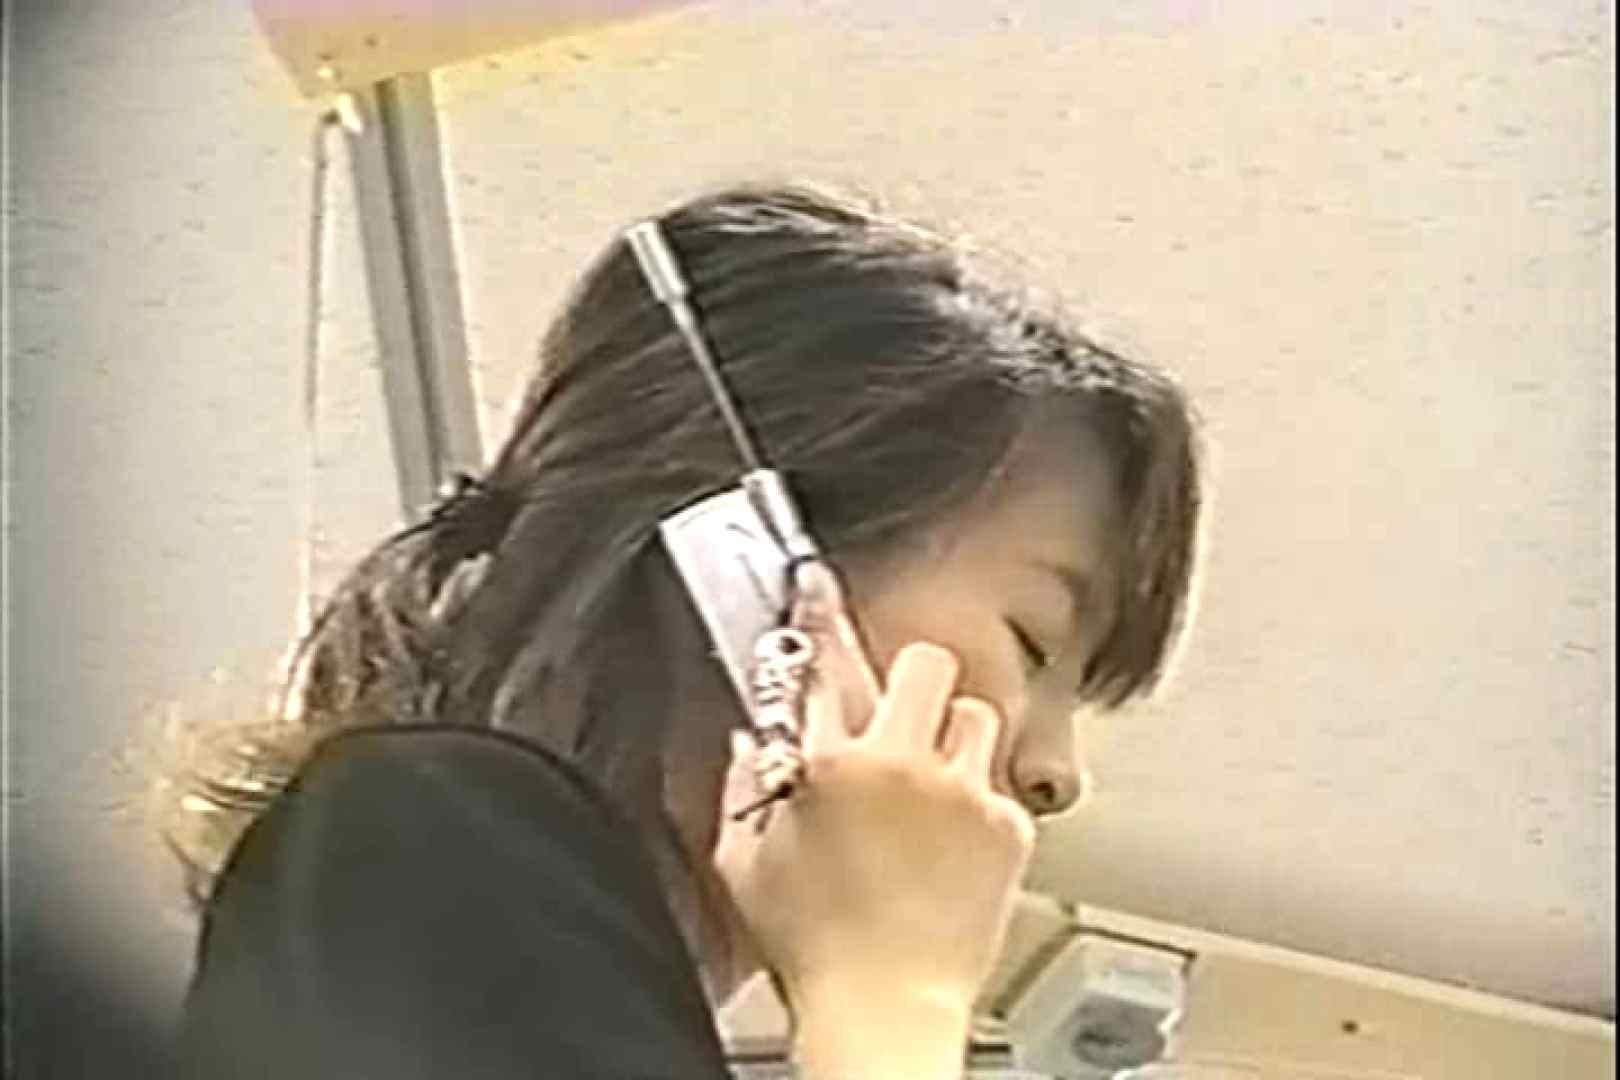 「ちくりん」さんのオリジナル未編集パンチラVol.3_02 チラ | 盗撮特集  87画像 61